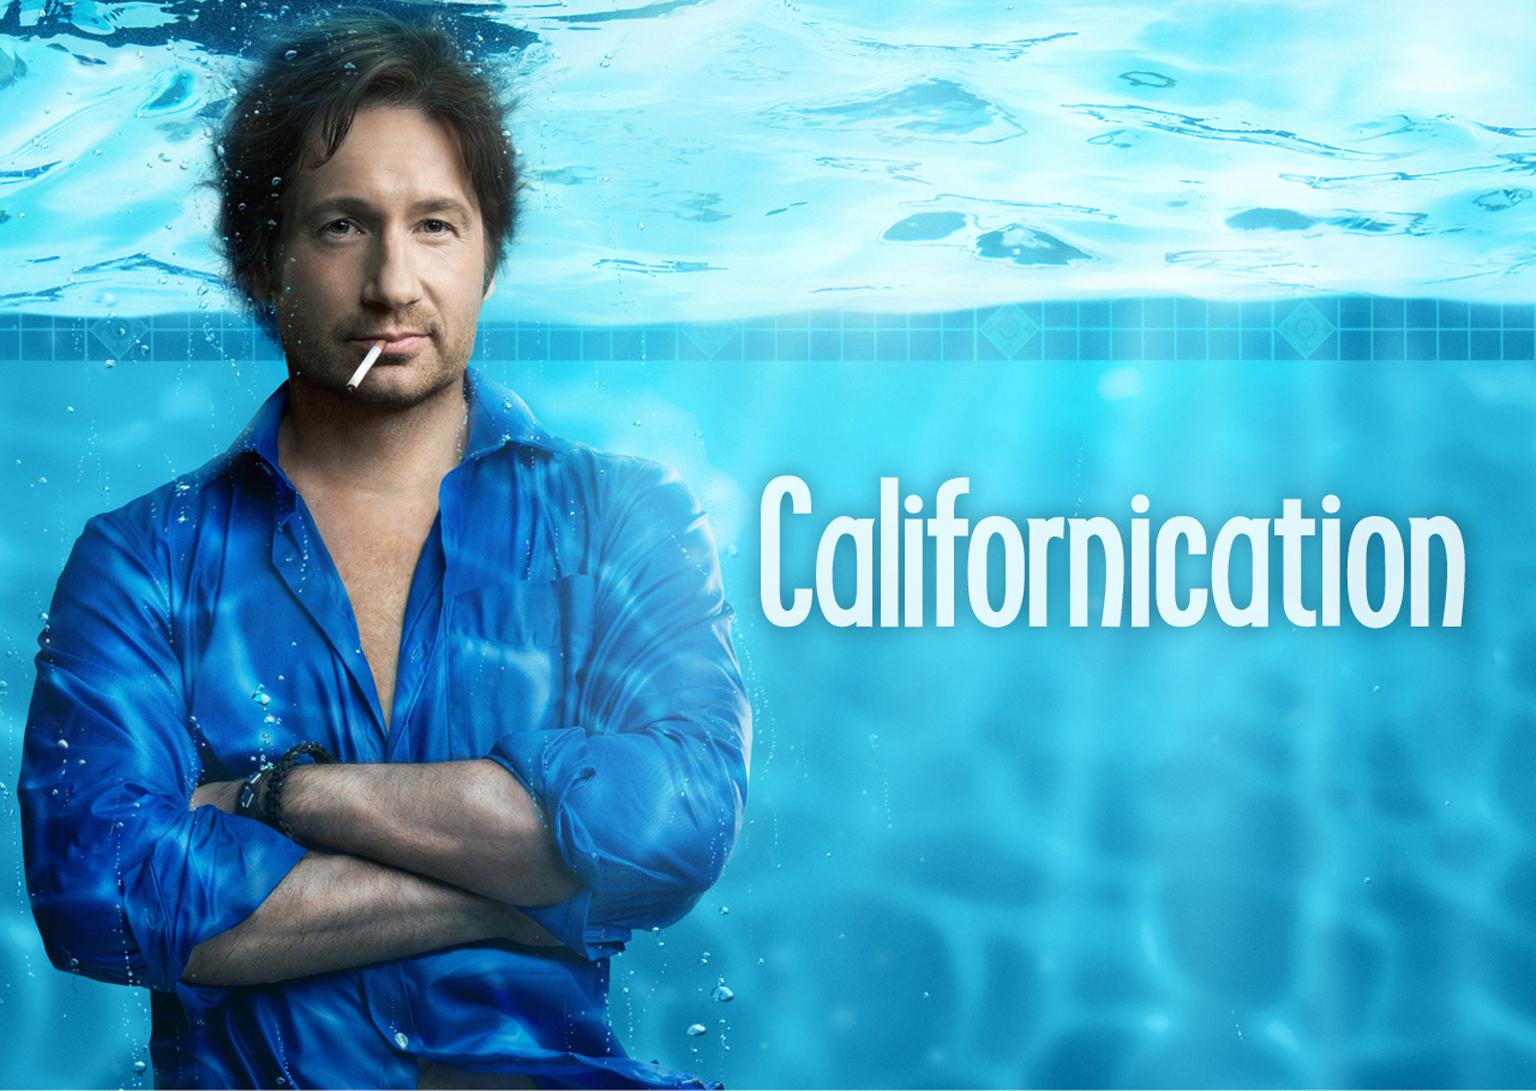 Madeline zima californication - 3 3